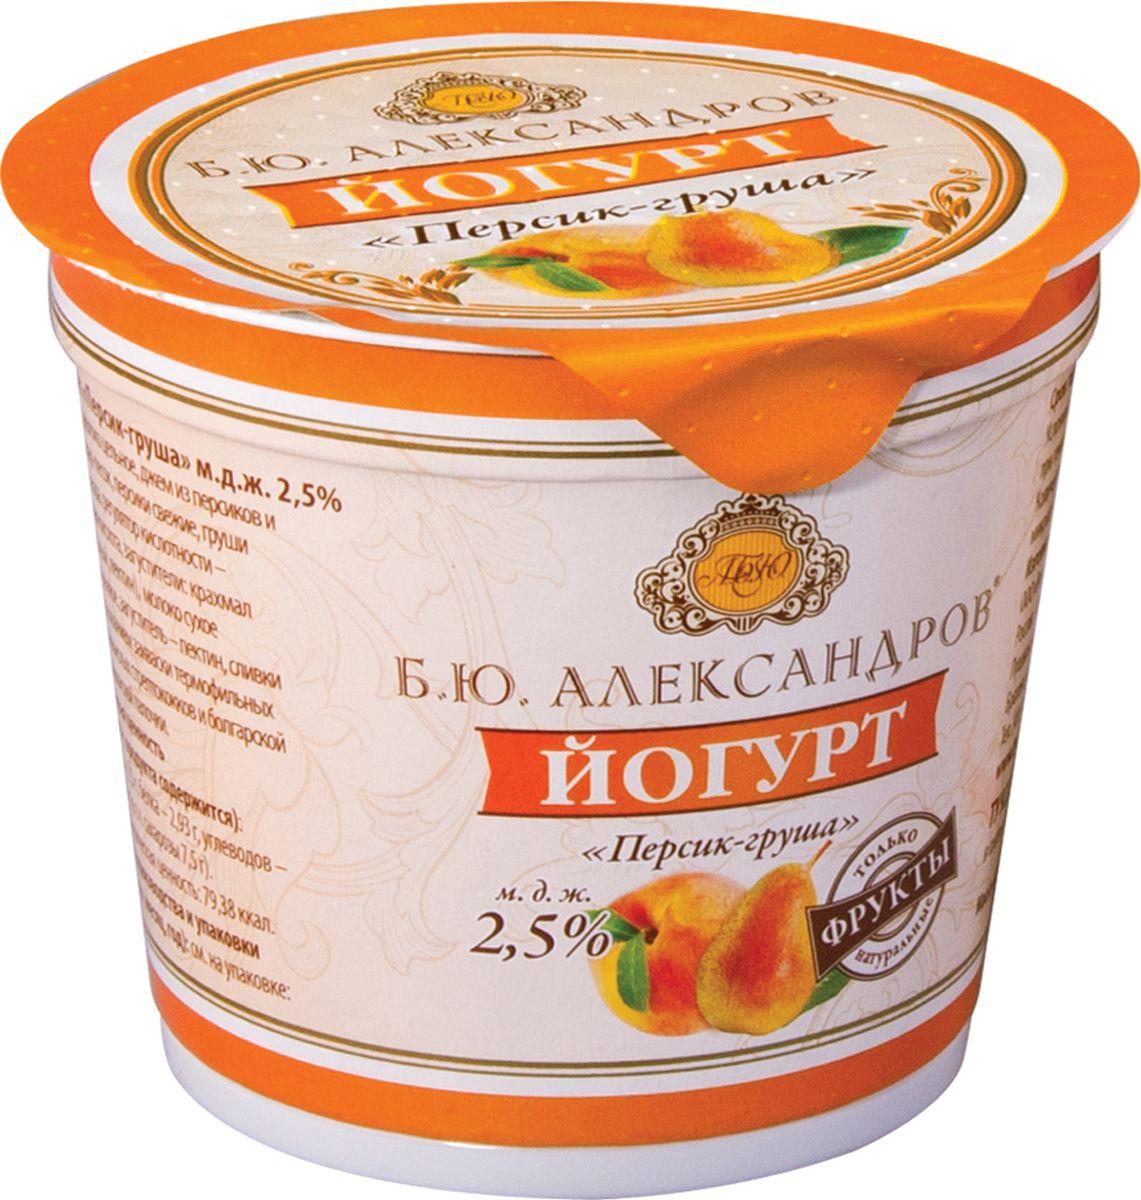 Б.Ю.Александров Йогурт Персик-Груша 2,5%, 125 г советские традиции йогурт клубника 2 5% 125 г